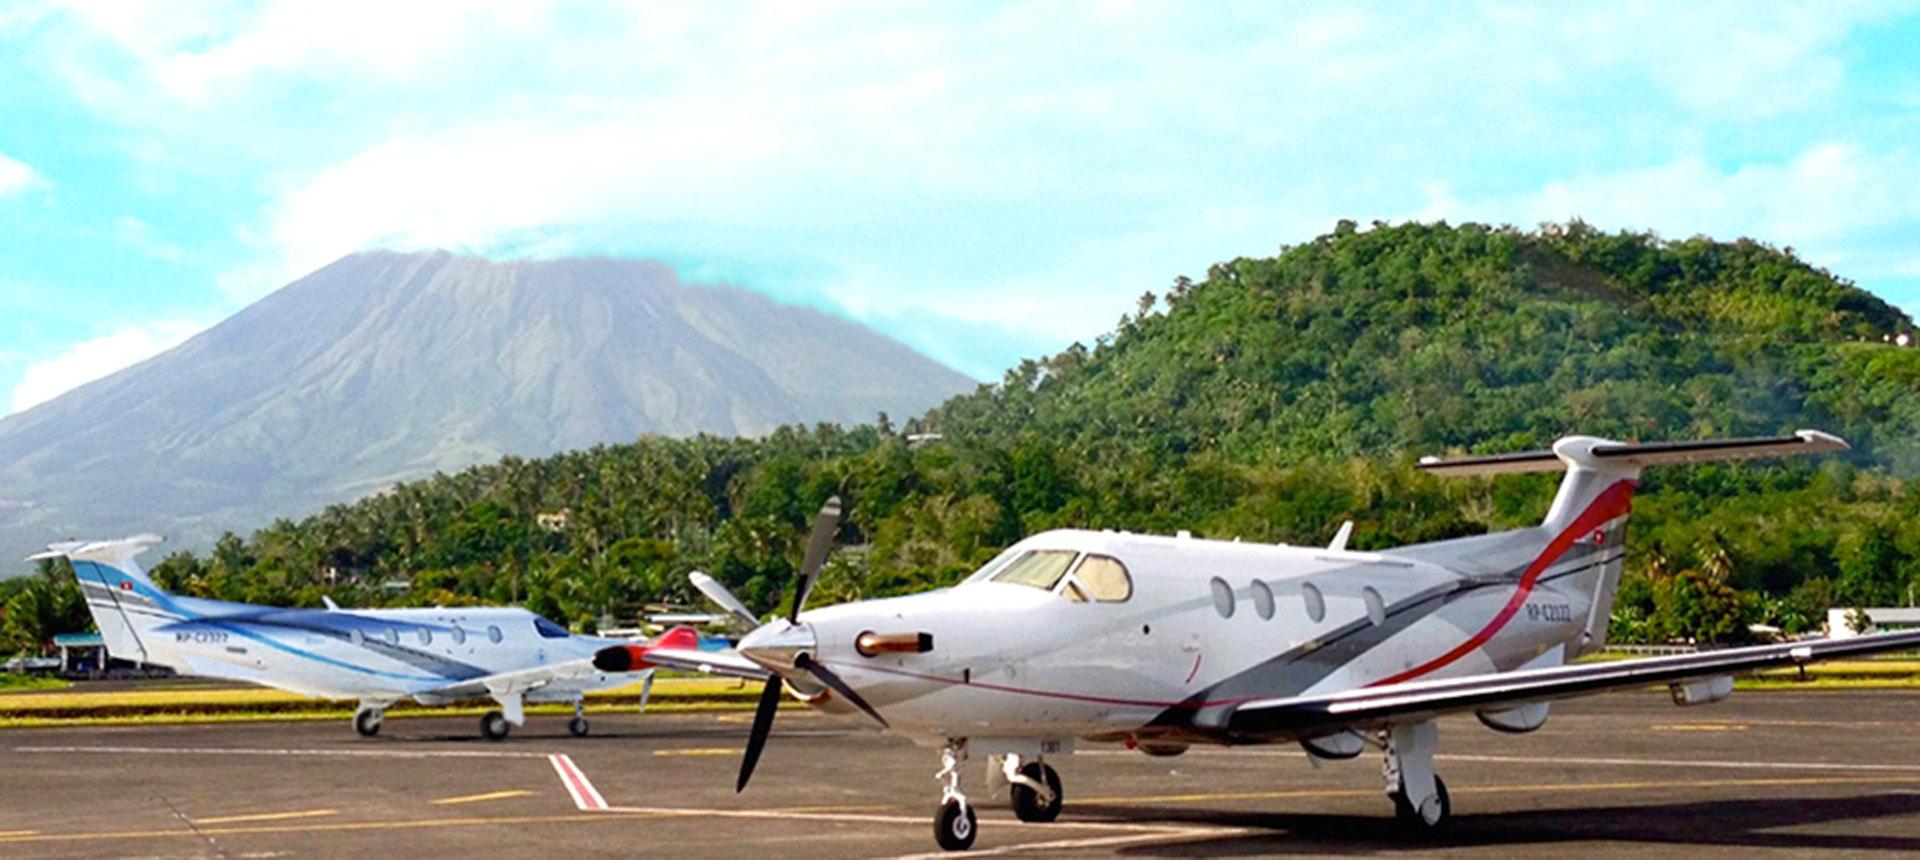 Pilatus PC12 NG